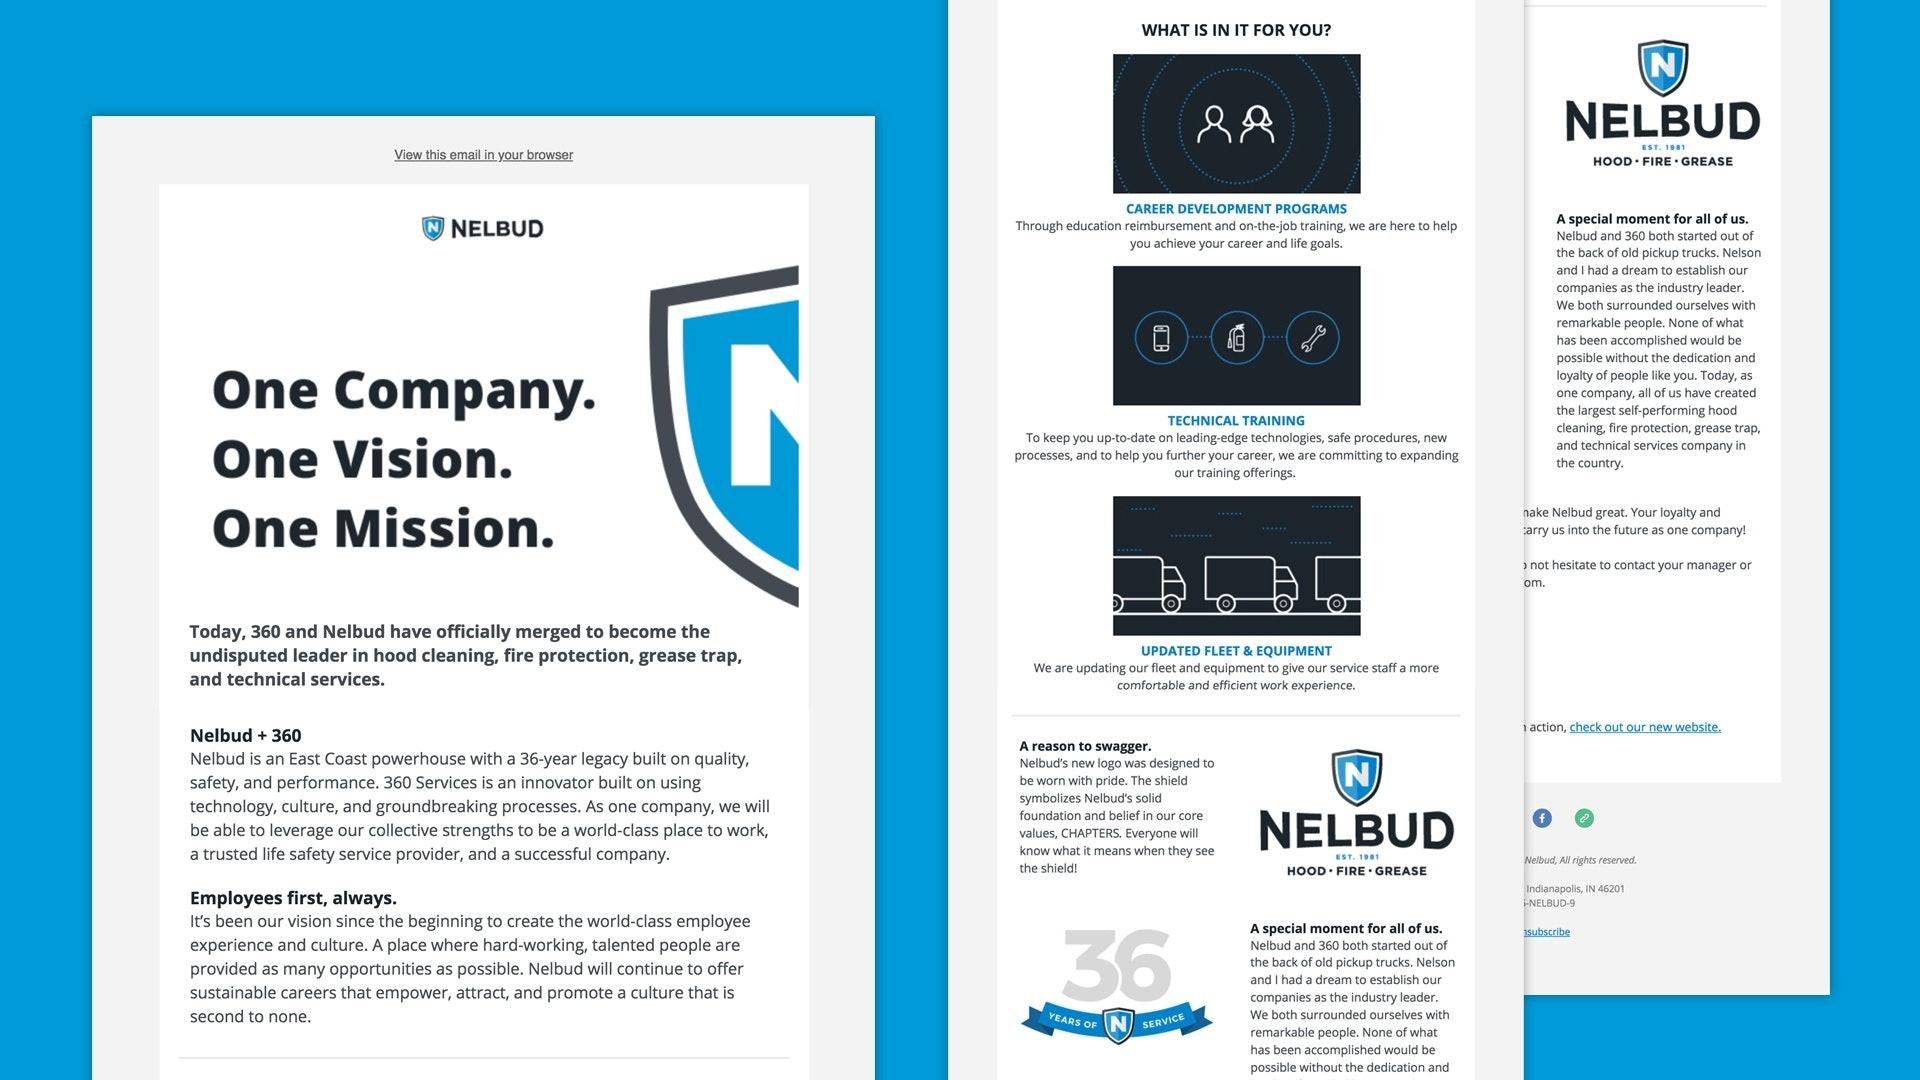 Nelbud Brand Launch Case Study Work Element Three